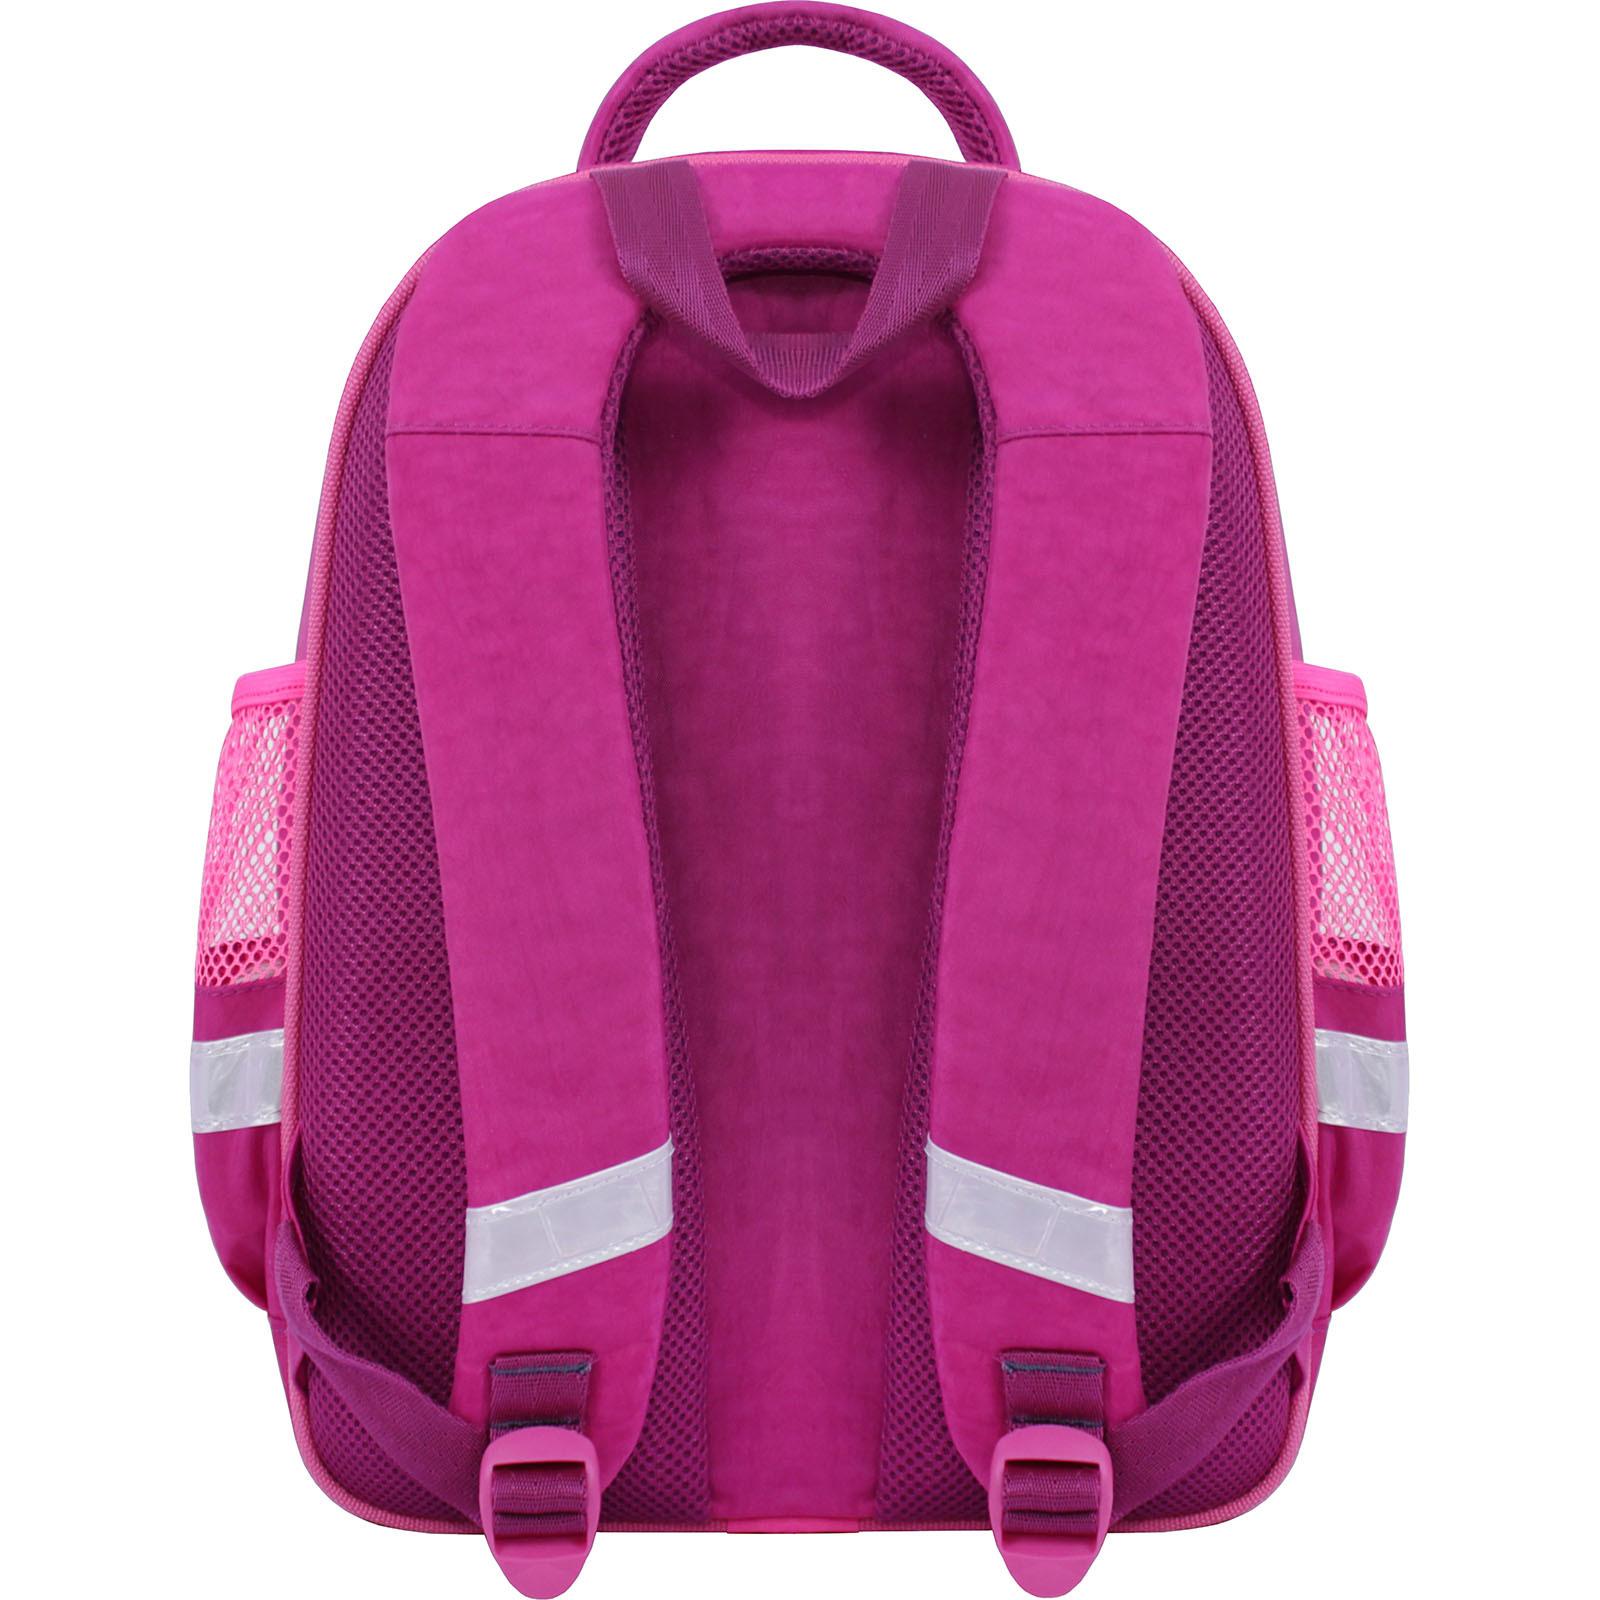 Рюкзак школьный Bagland Mouse 143 малиновый 514 (0051370) фото 3